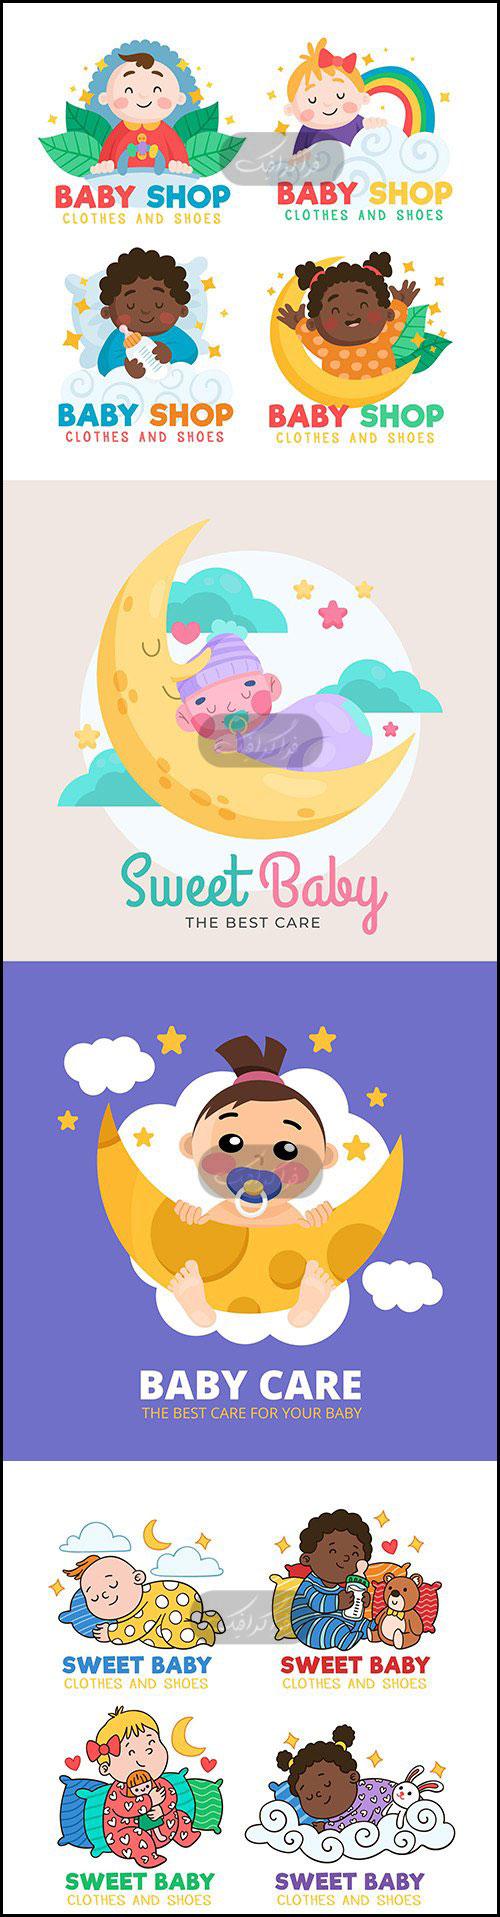 دانلود لوگو های فروشگاه وسایل کودک - شماره 5